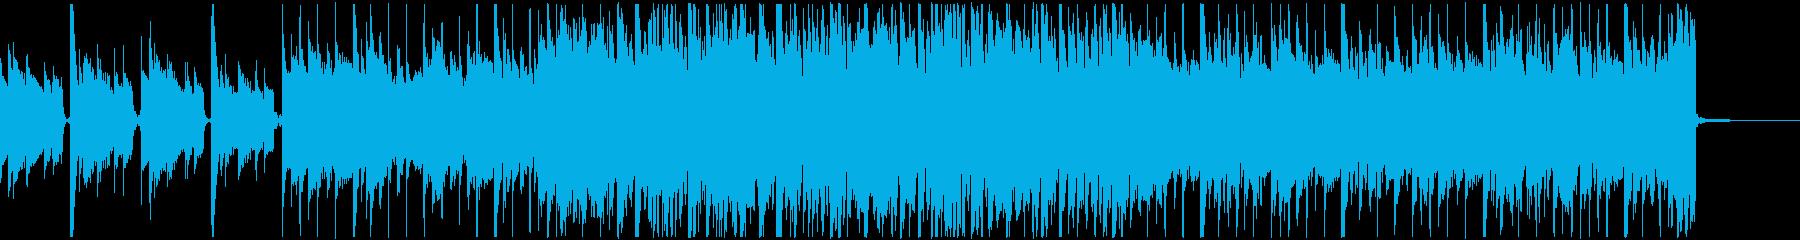 生演奏アコギ・エレキギター・軽快・爽やかの再生済みの波形